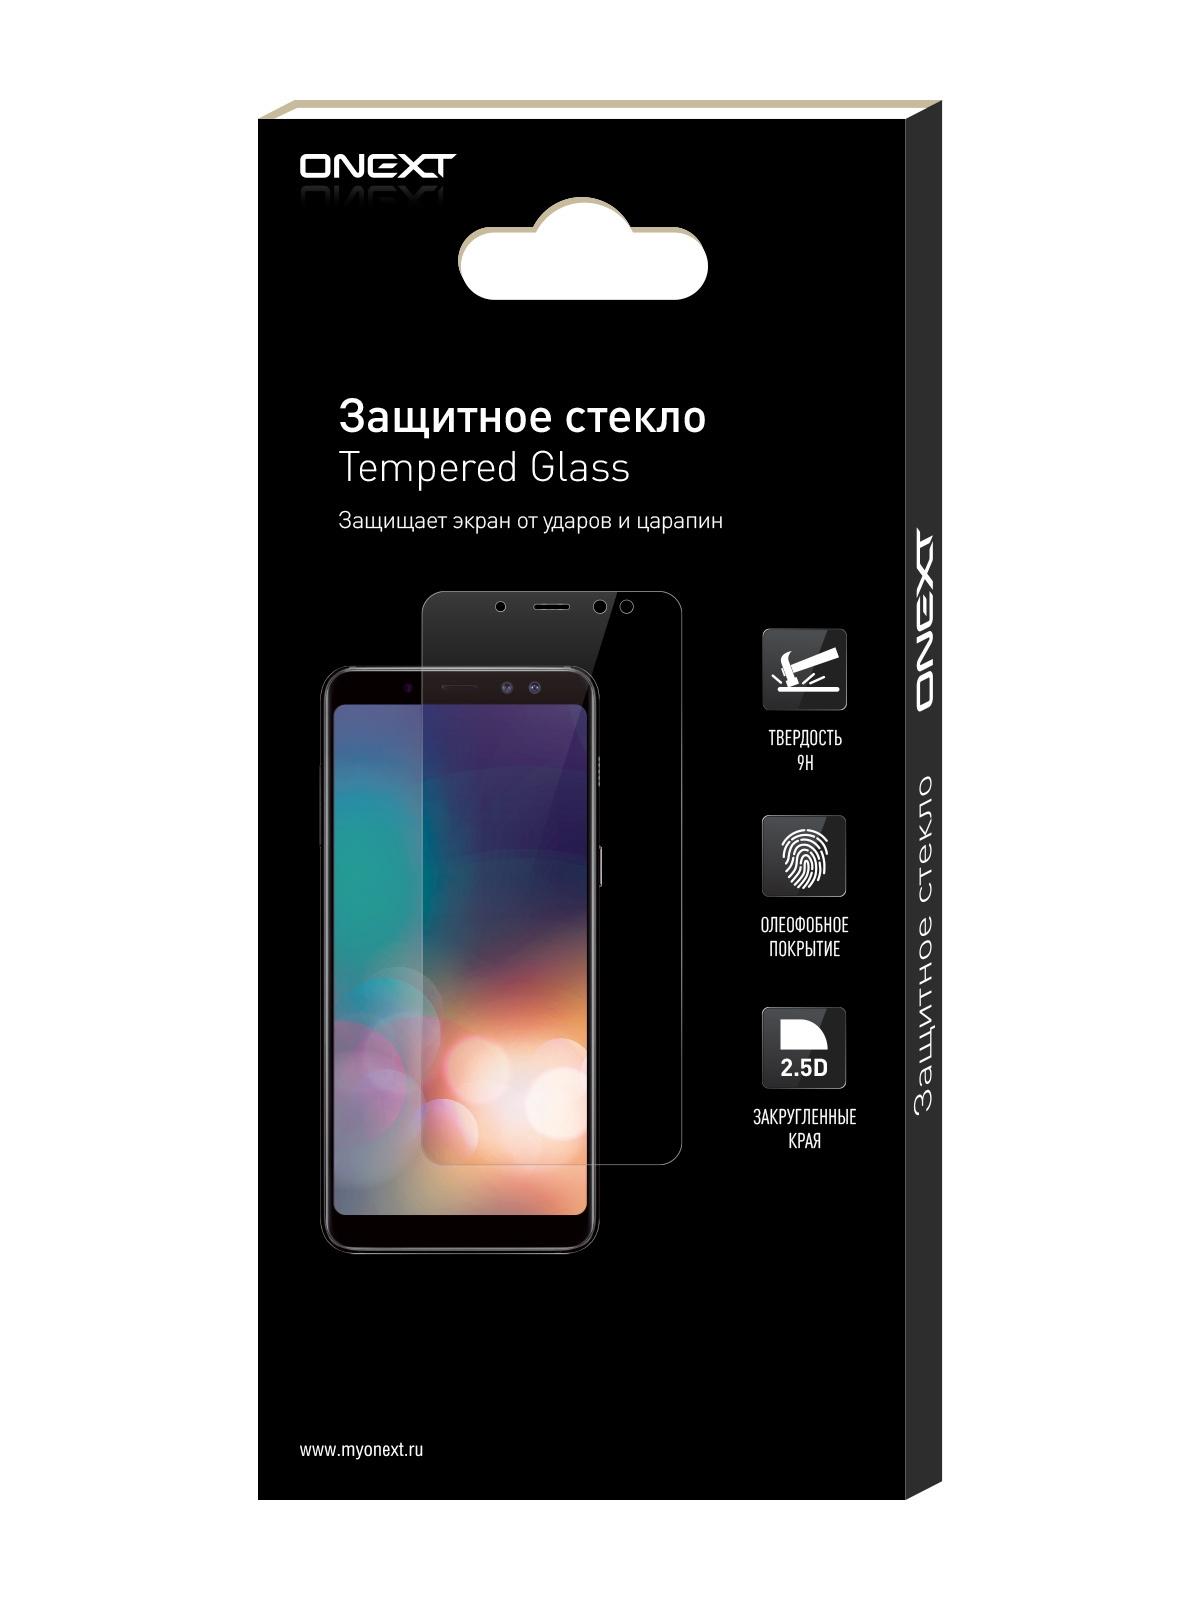 Защитное стекло ONEXT iPhone 6/6S/7/8 Plus